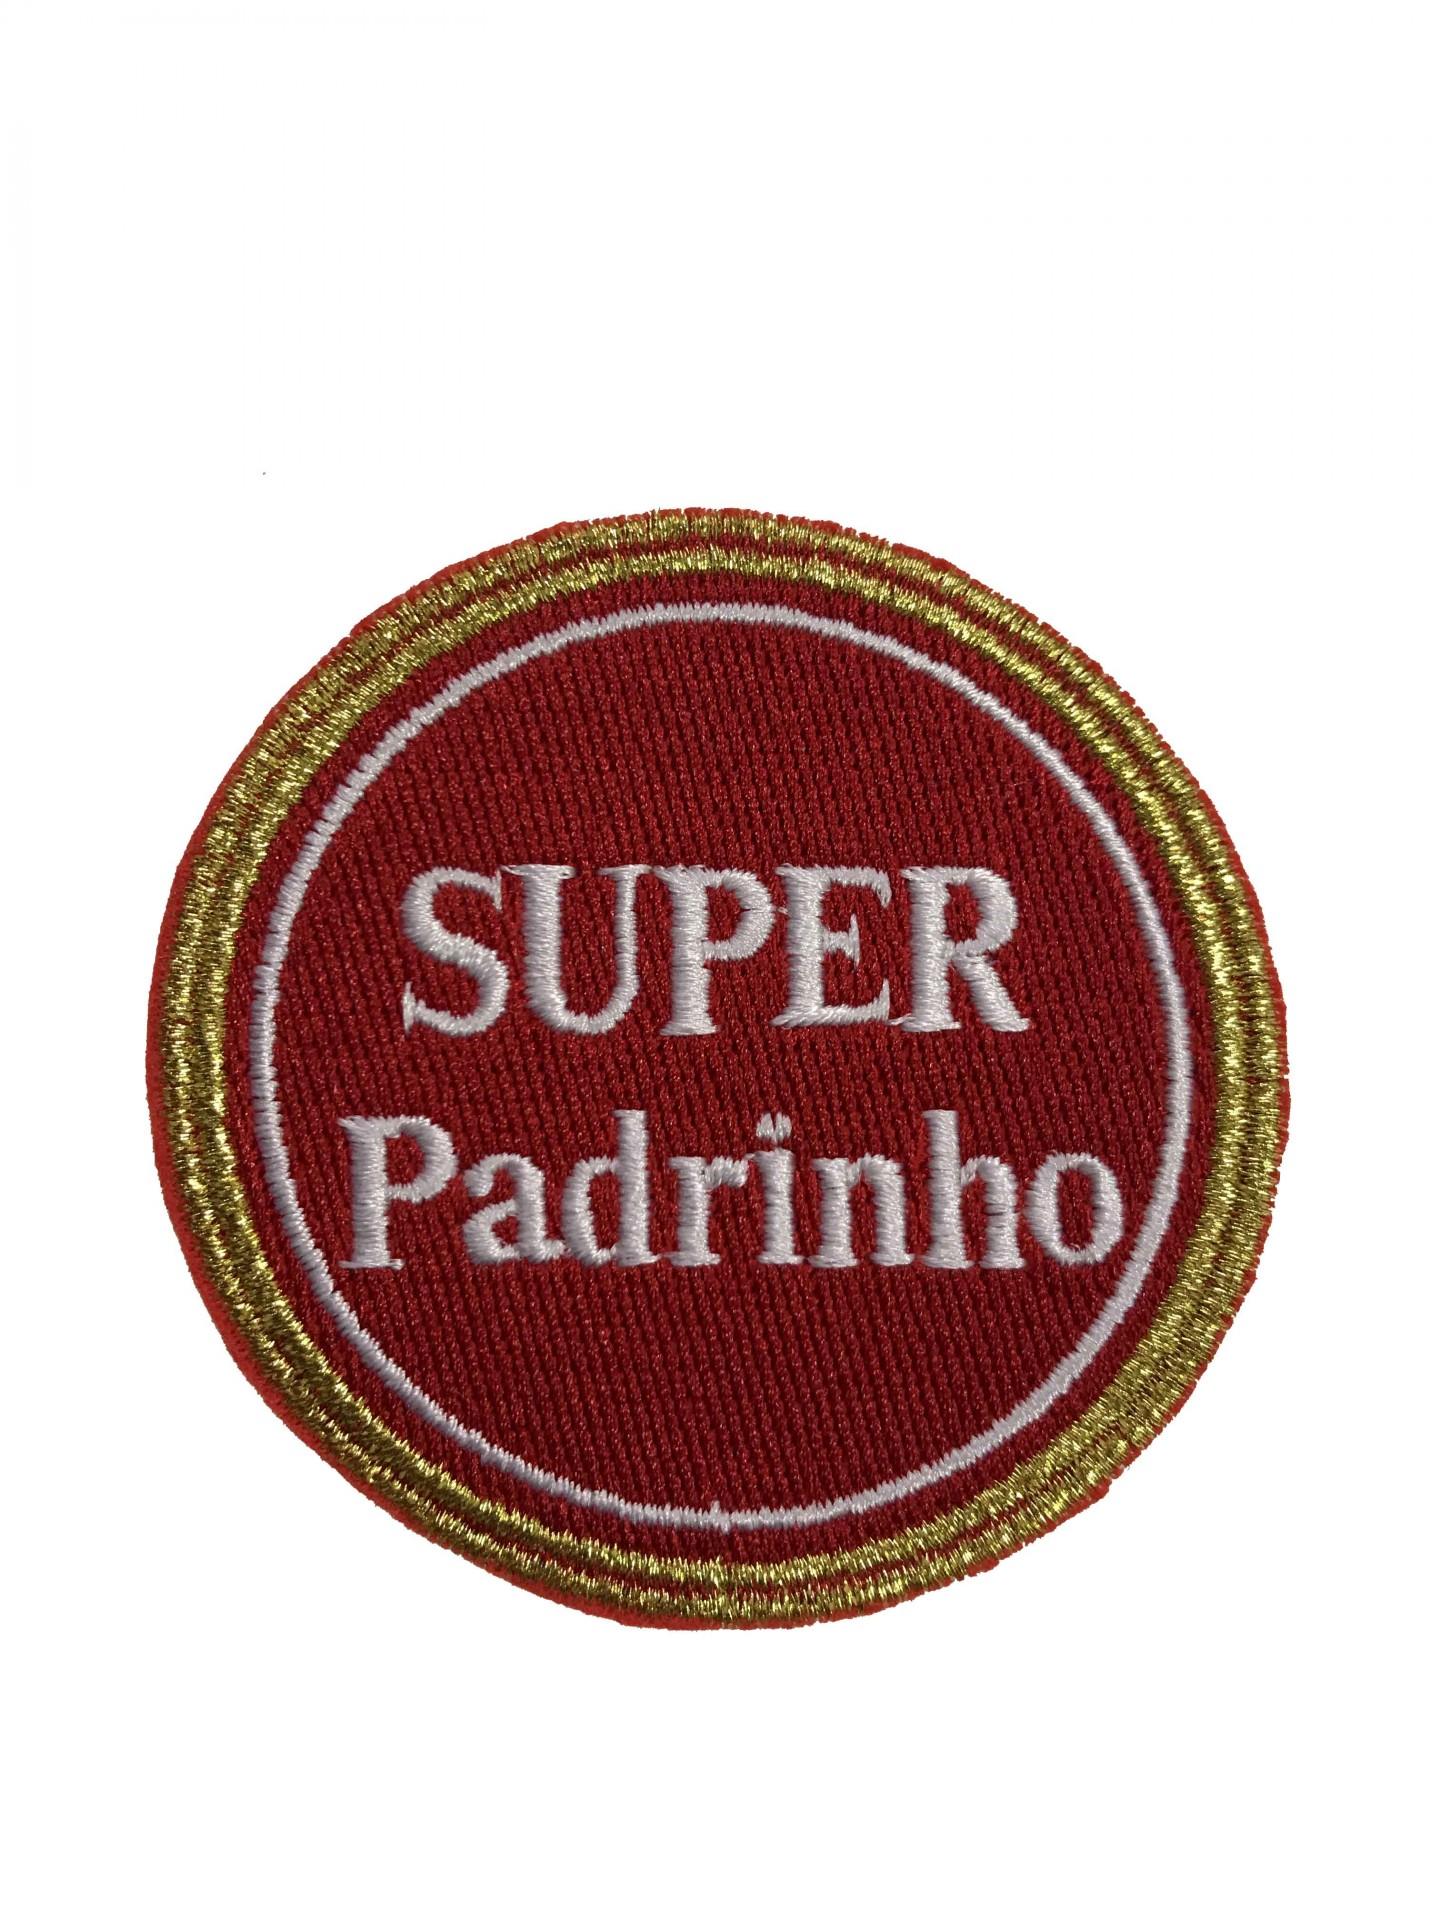 Emblema Super Padrinho